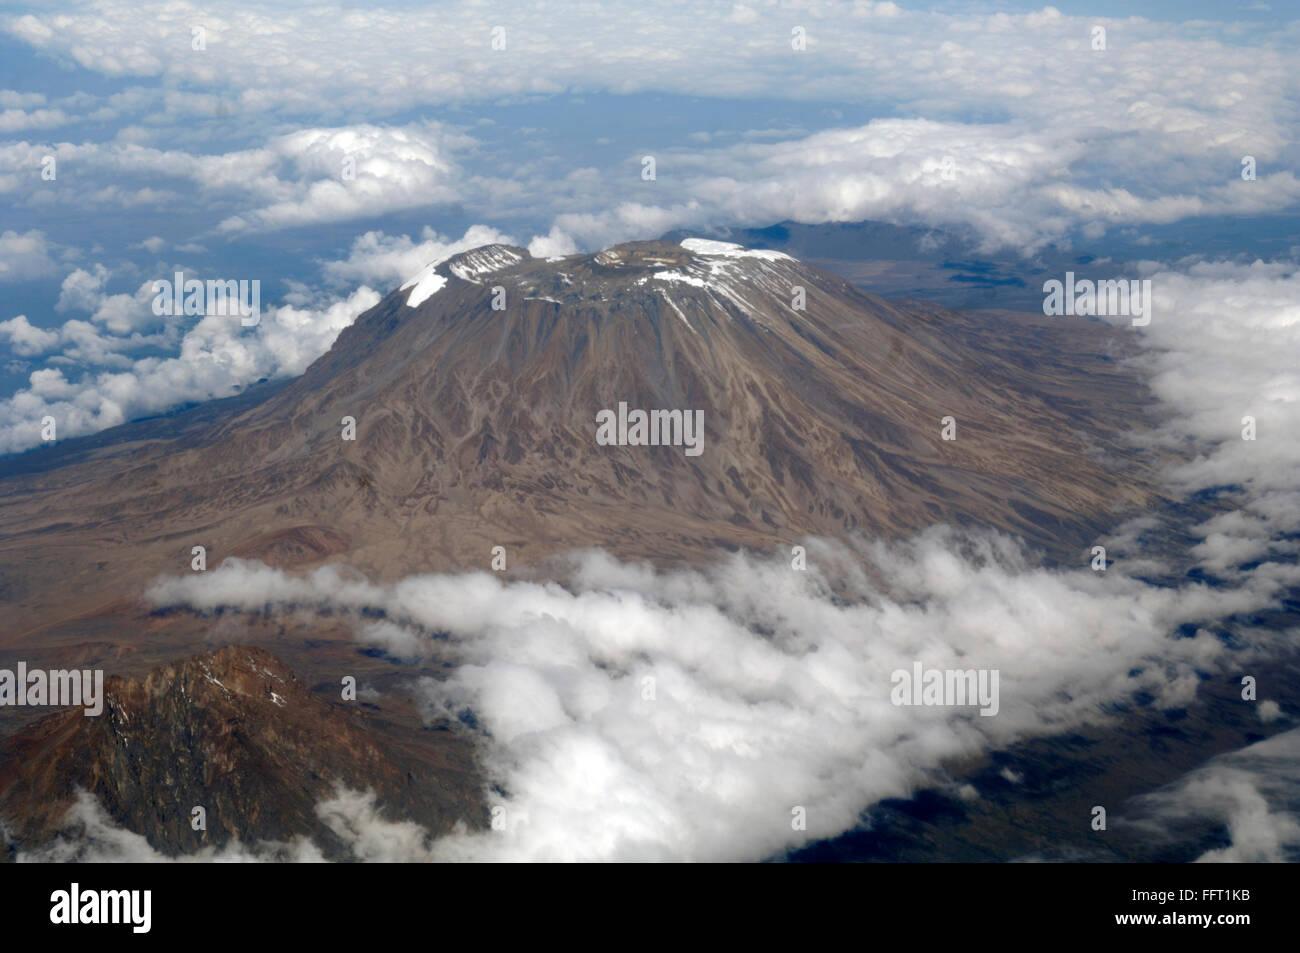 Mount Kilimanjaro, Kenya/Tanzania, from the air. - Stock Image